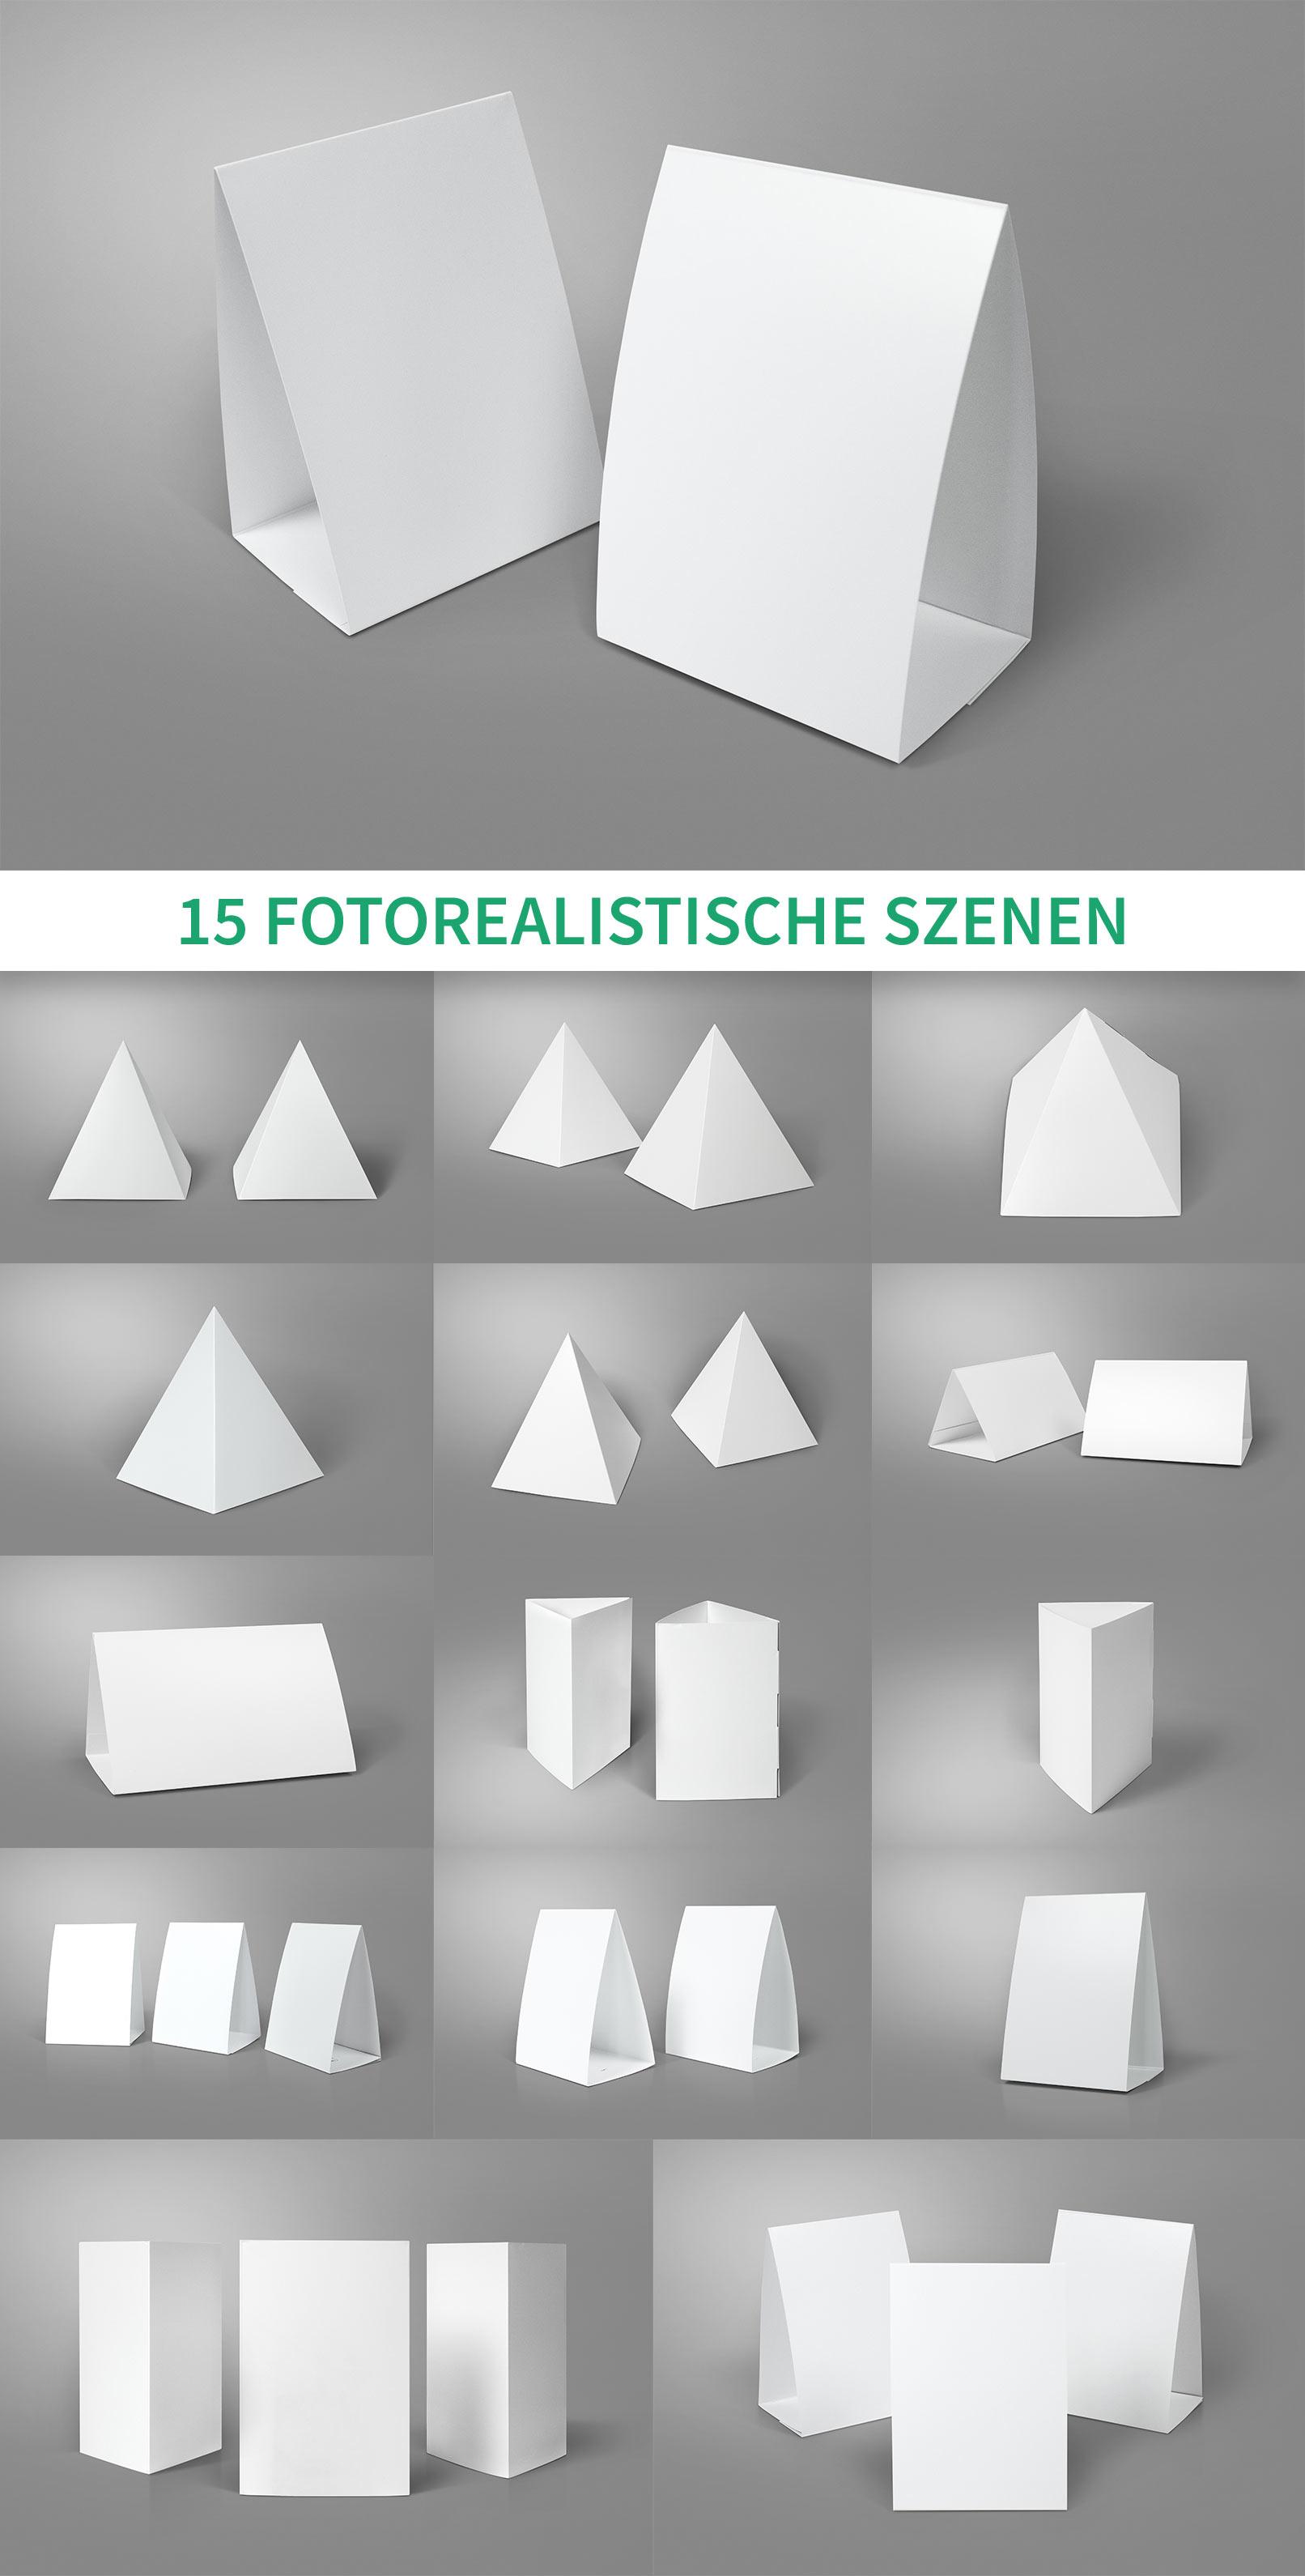 15 Mockups für Tischaufsteller im DIN-Format, als Dreiecksaufsteller und in Pyramidenform